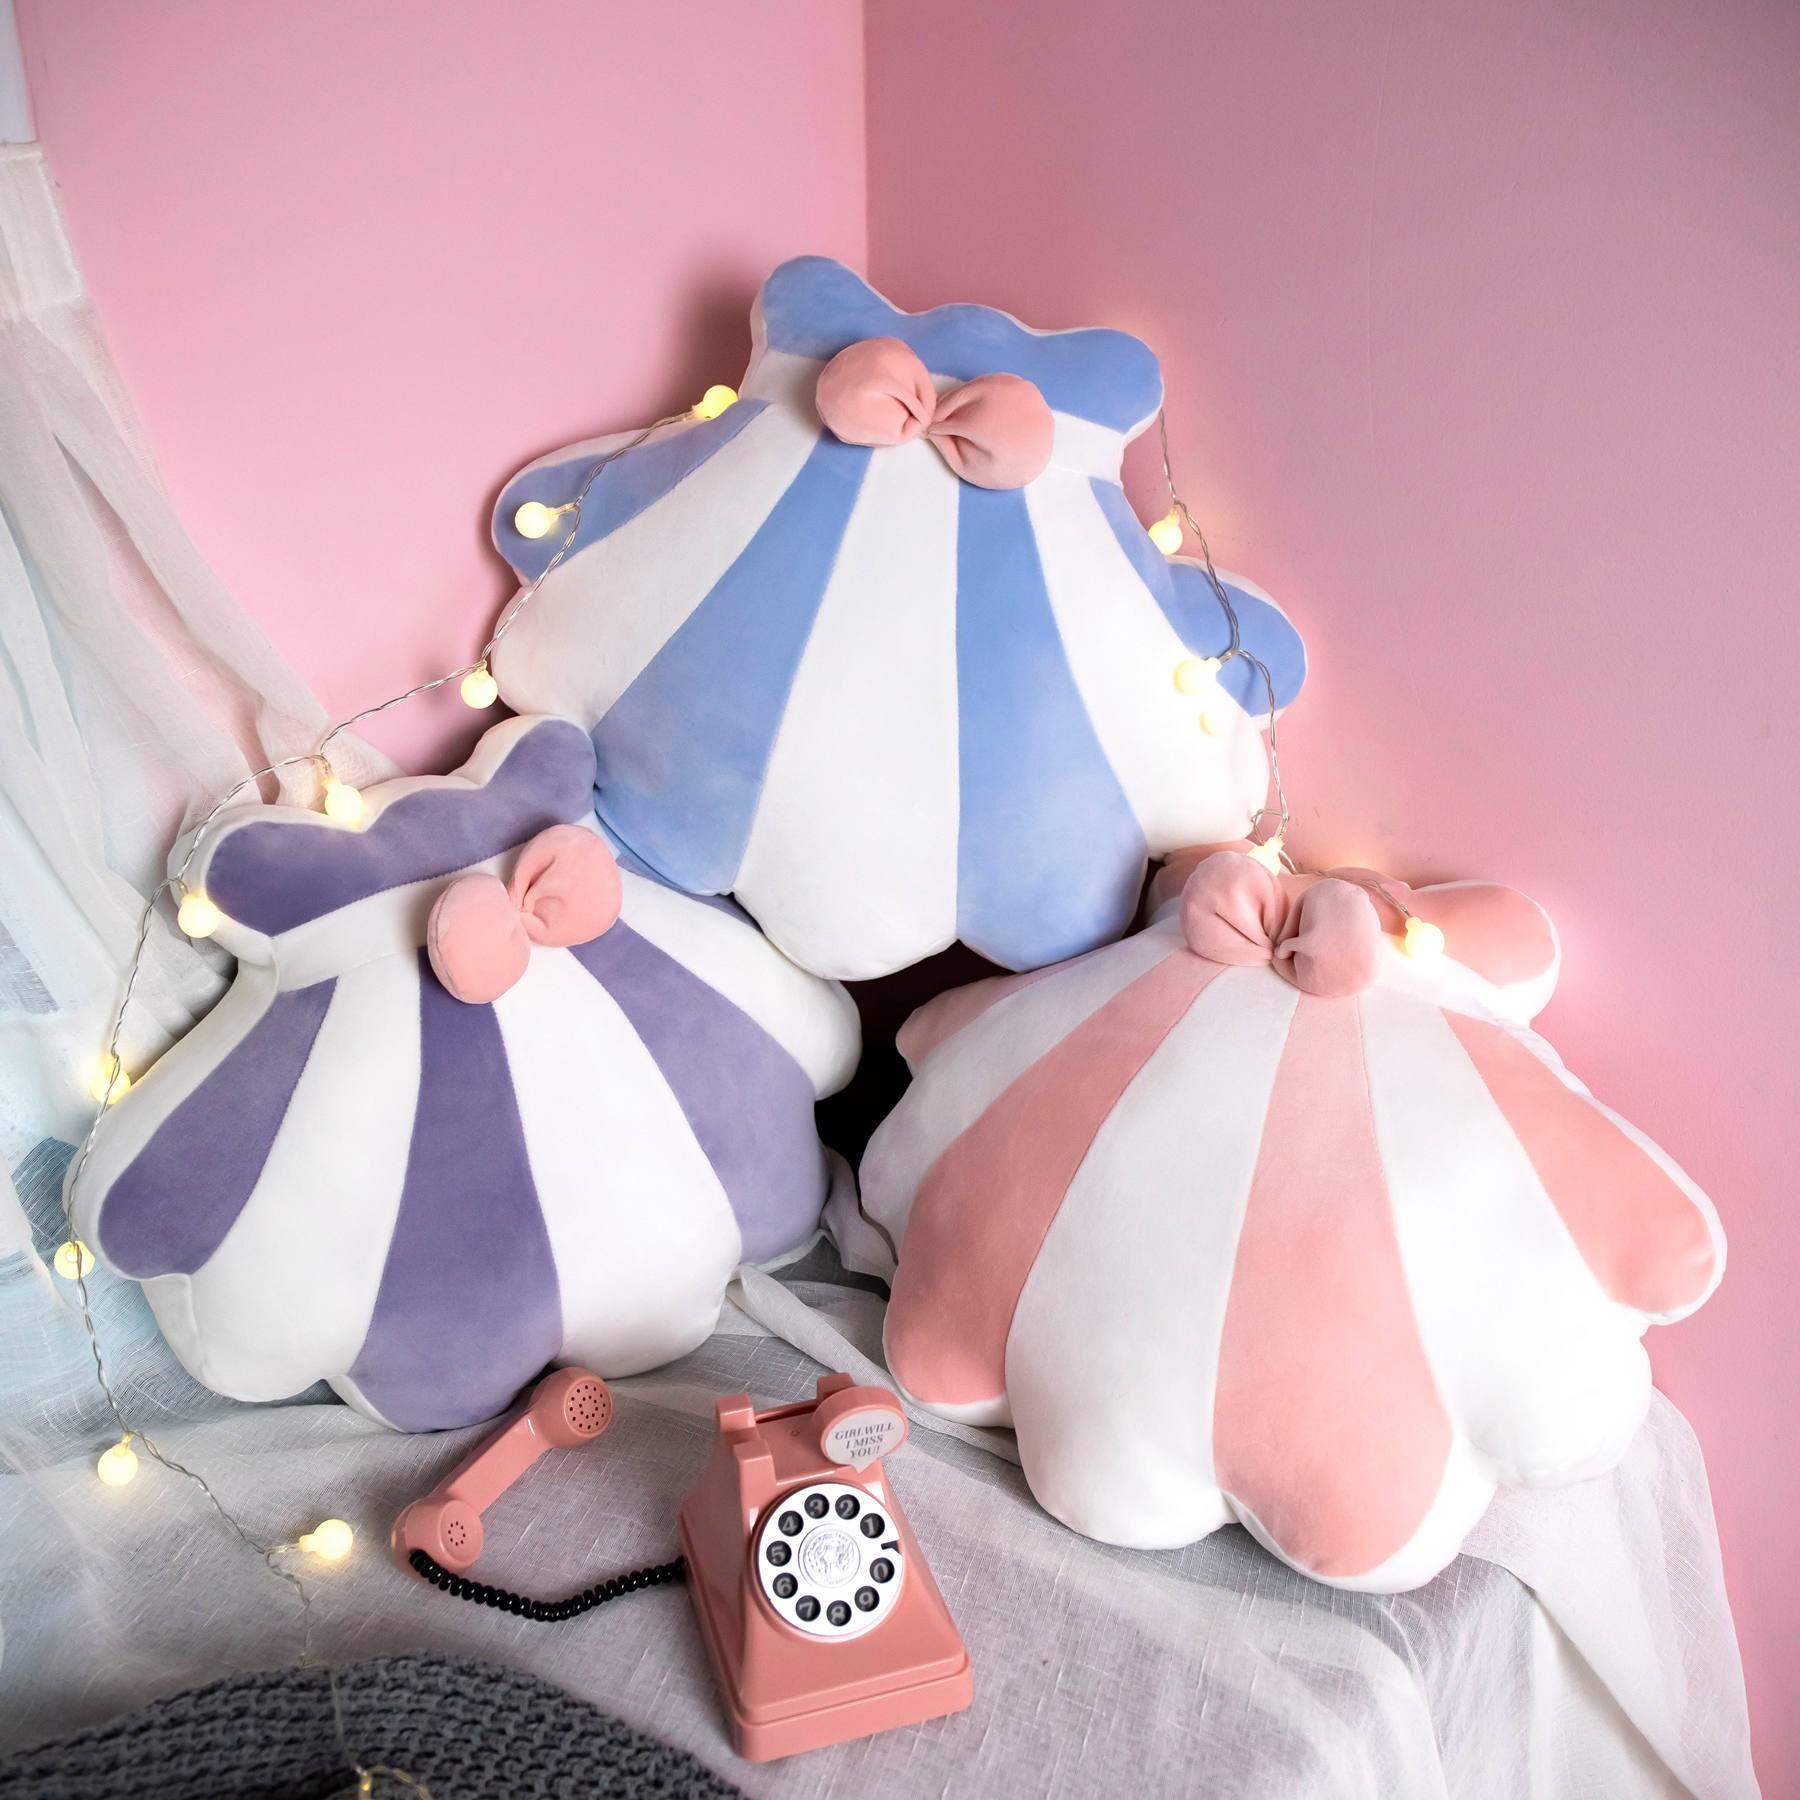 ⚡現貨發售⚡ 創意可愛彩條貝殼抱枕北歐風香水瓶靠墊居家辦公室少女心禮物批發 0223